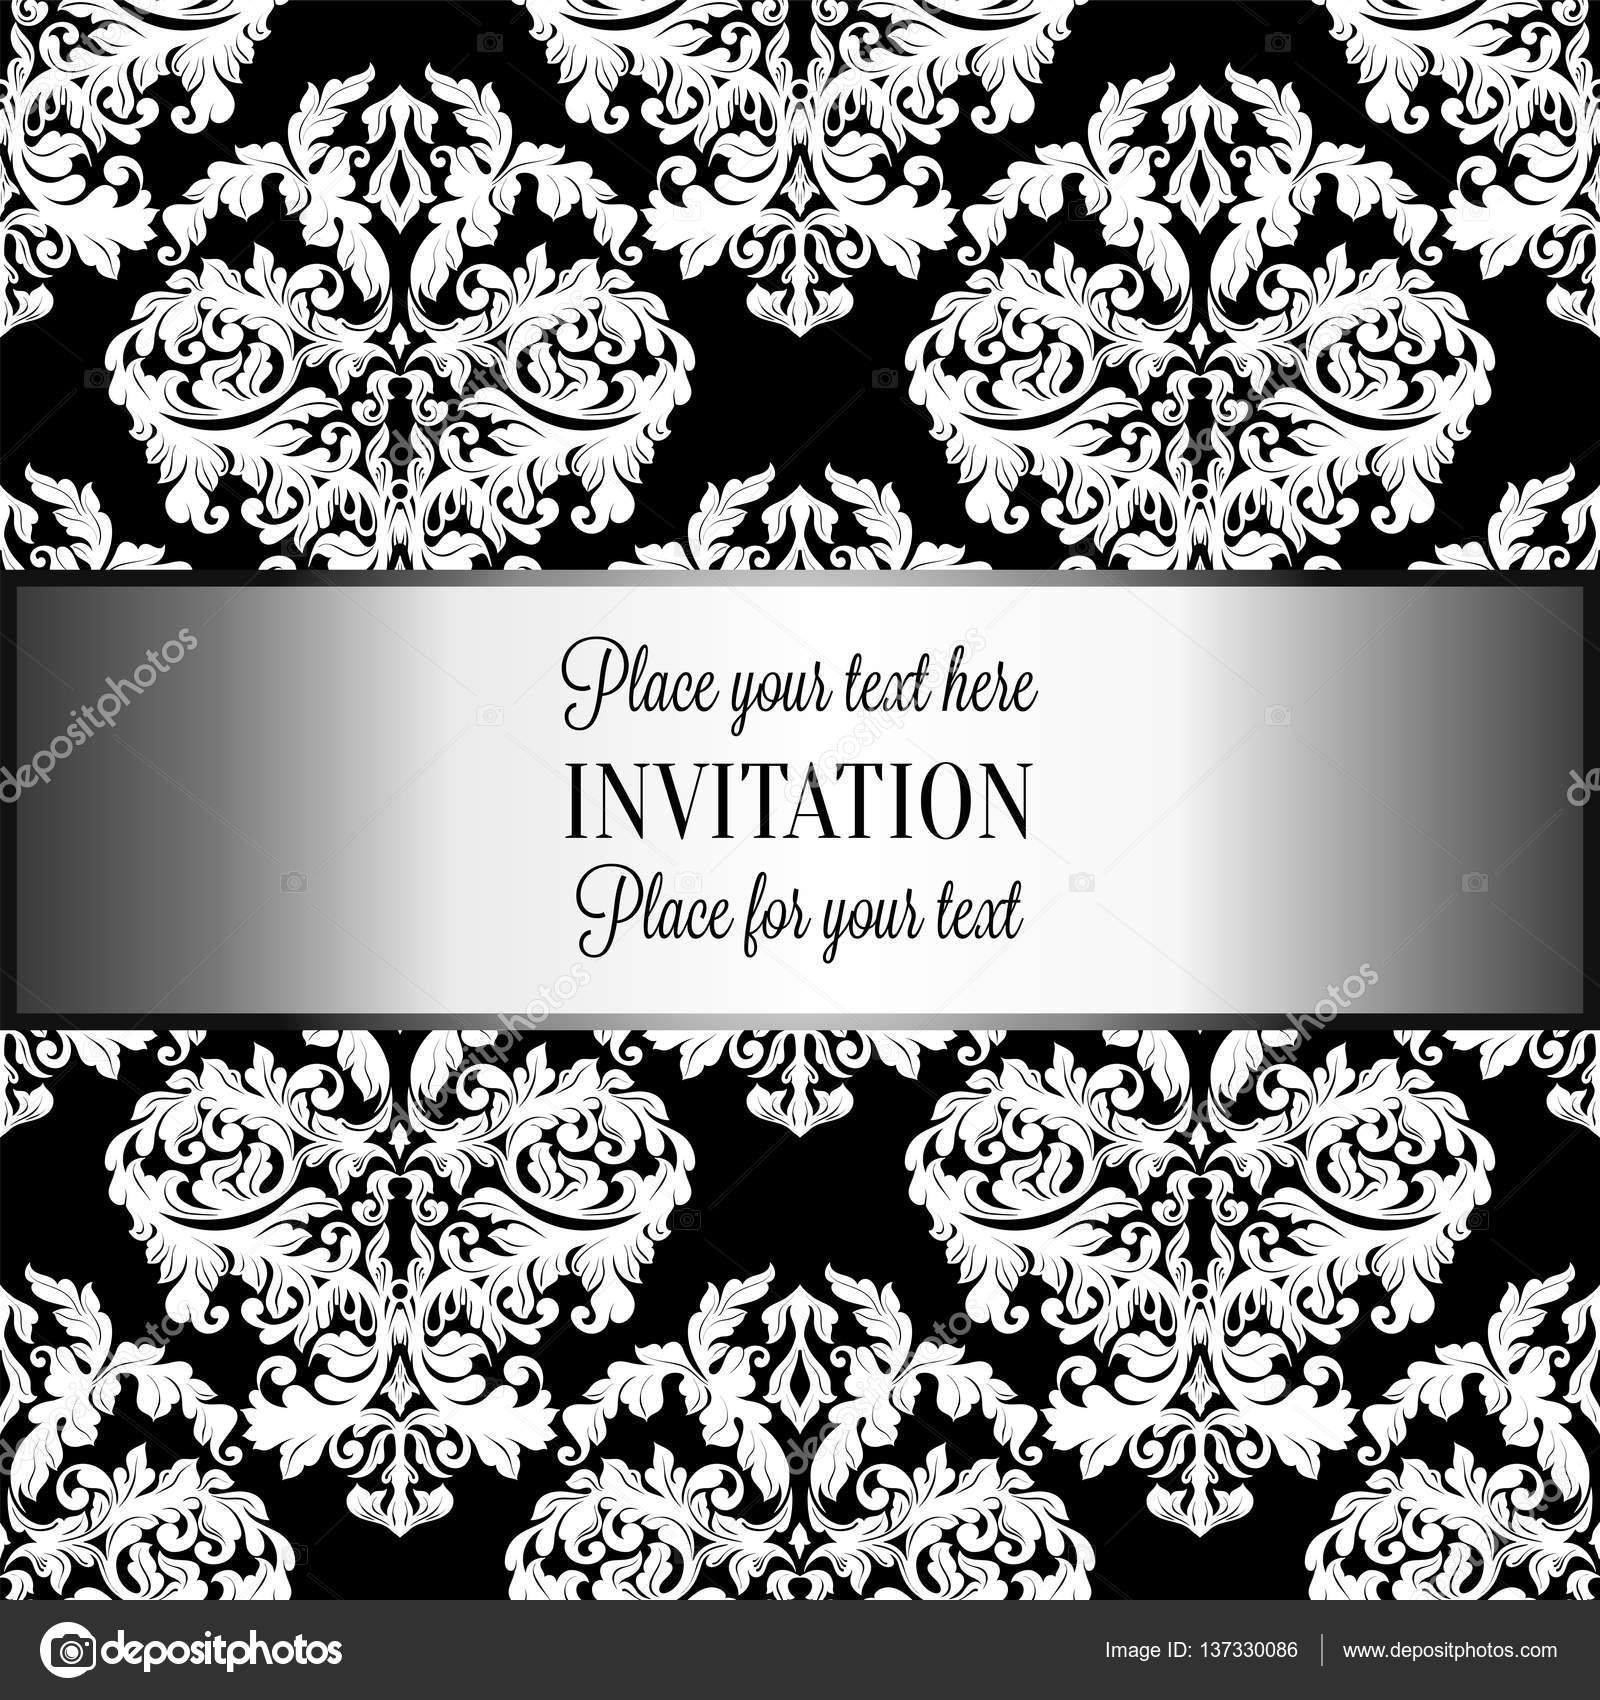 fondo barroco con el lujo antiguo gris negro y metal plata marco vintage bandera victoriana ornamentos de damasco de papel tapiz floral invitacin